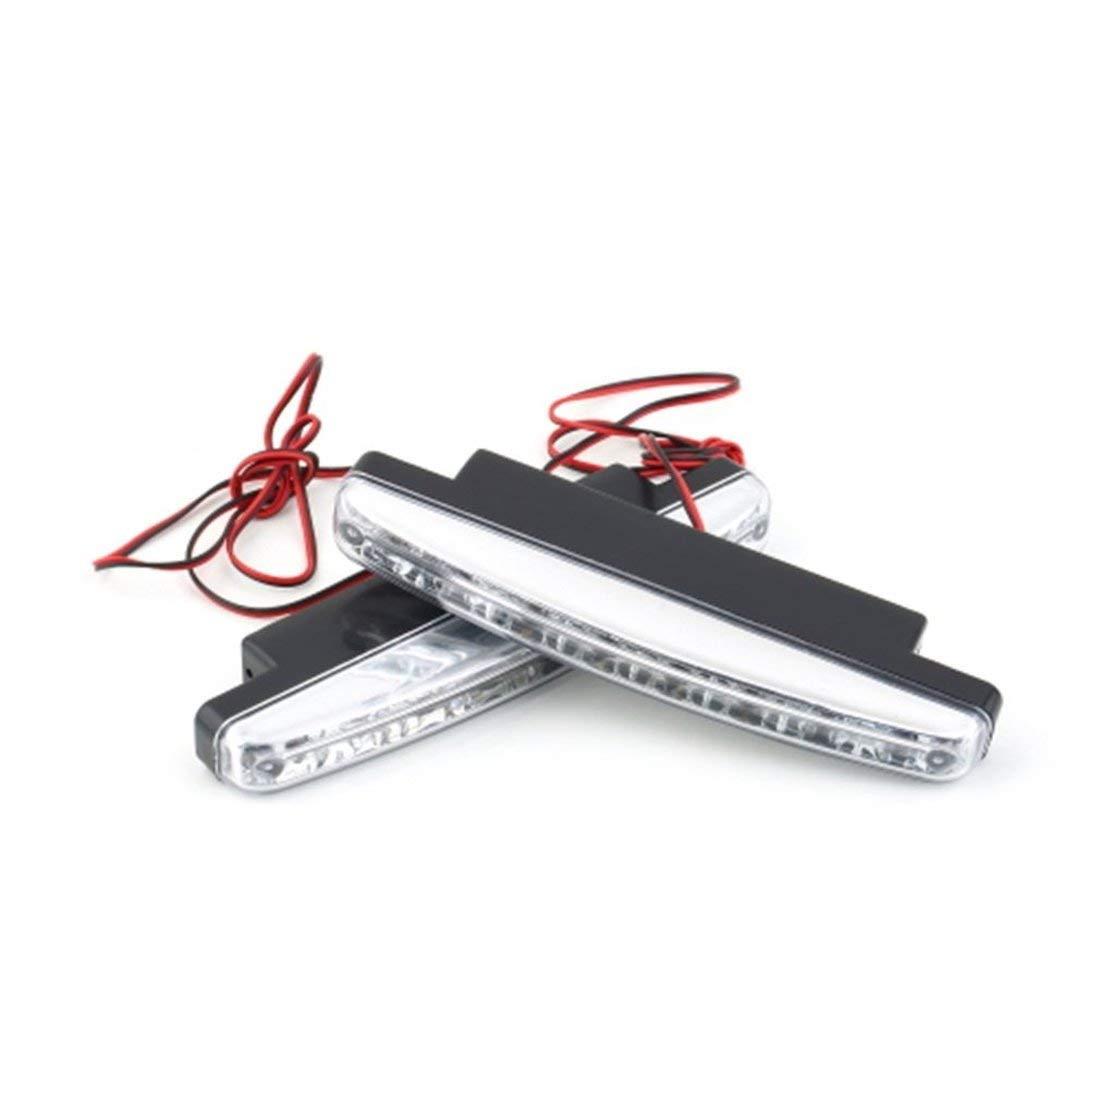 vbncvbfghfgh Universal 12V 8 x LED Auto Coche Luces de circulaci/ón Diurna Faros antiniebla Luz de conducci/ón del autom/óvil L/ámpara Auxiliar con luz Super Blanca Caliente